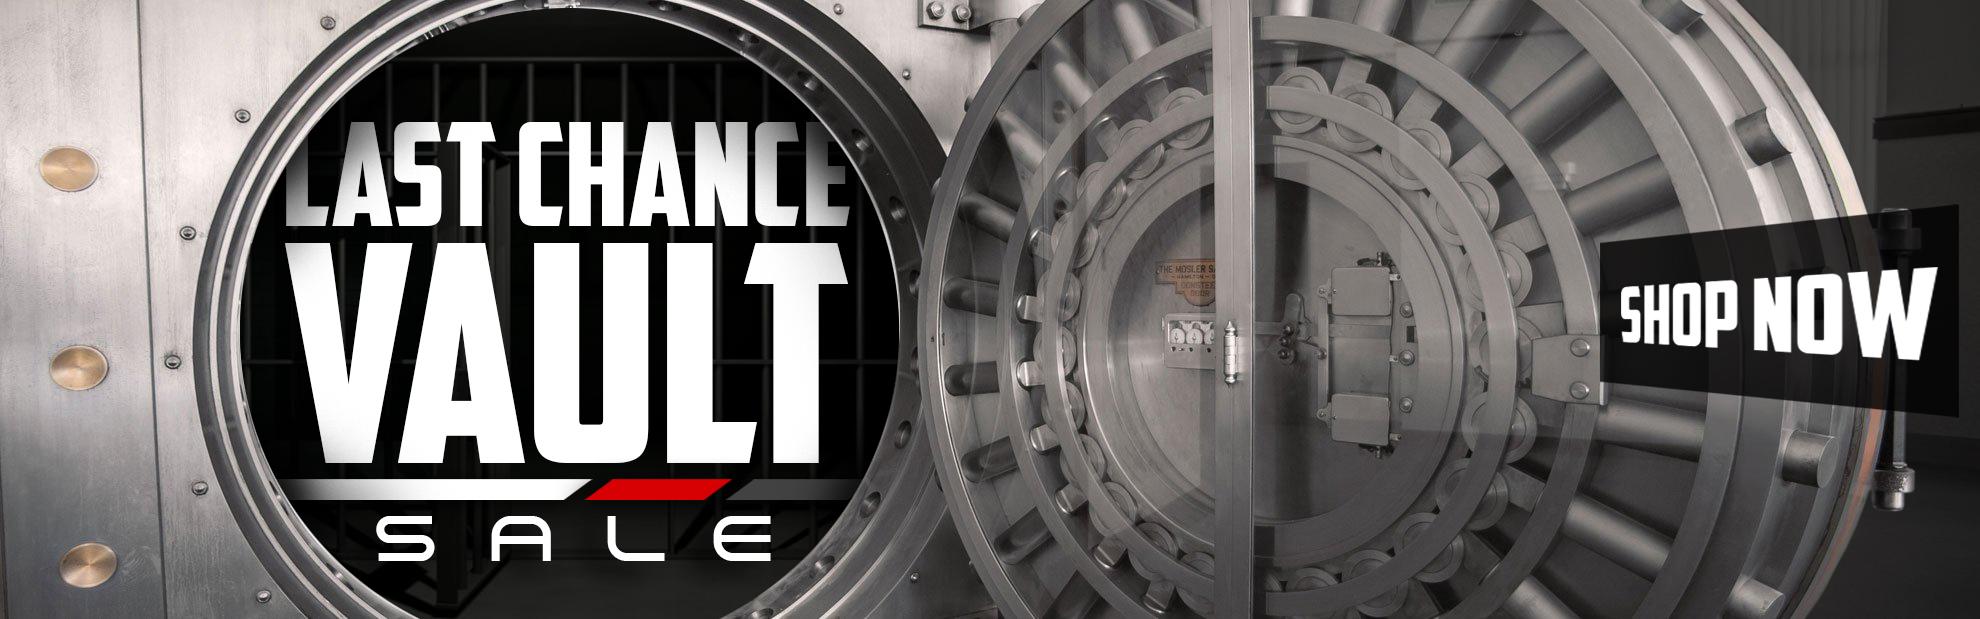 Last Chance Vault Sale